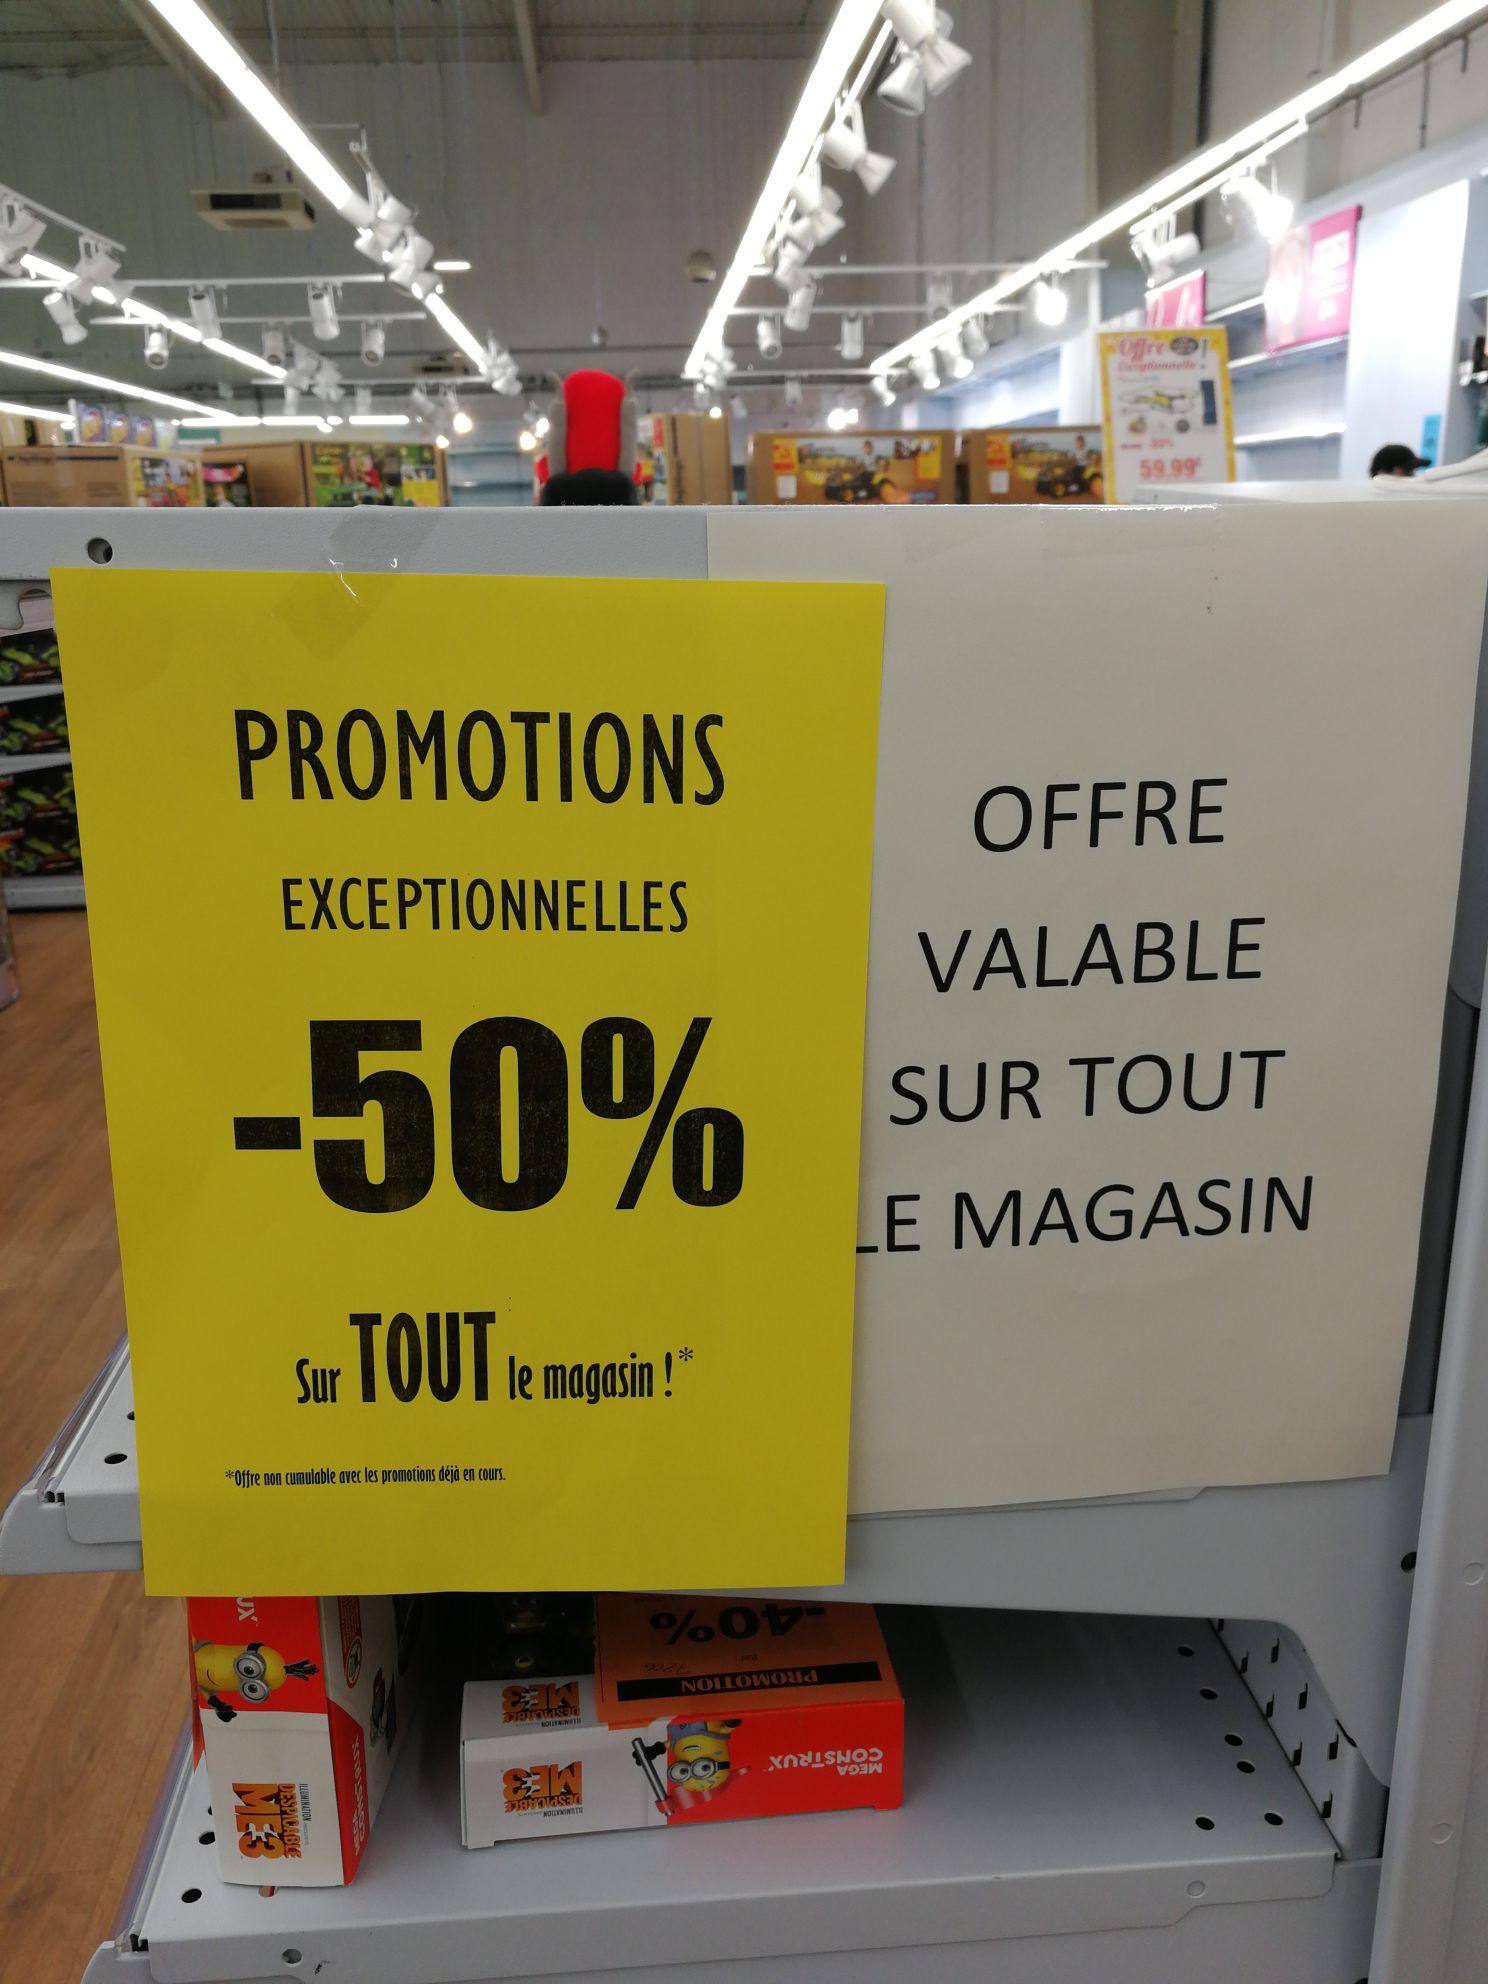 50% de réduction sur tout le magasin (hors promotions) - Saint Geneviève des bois (91)